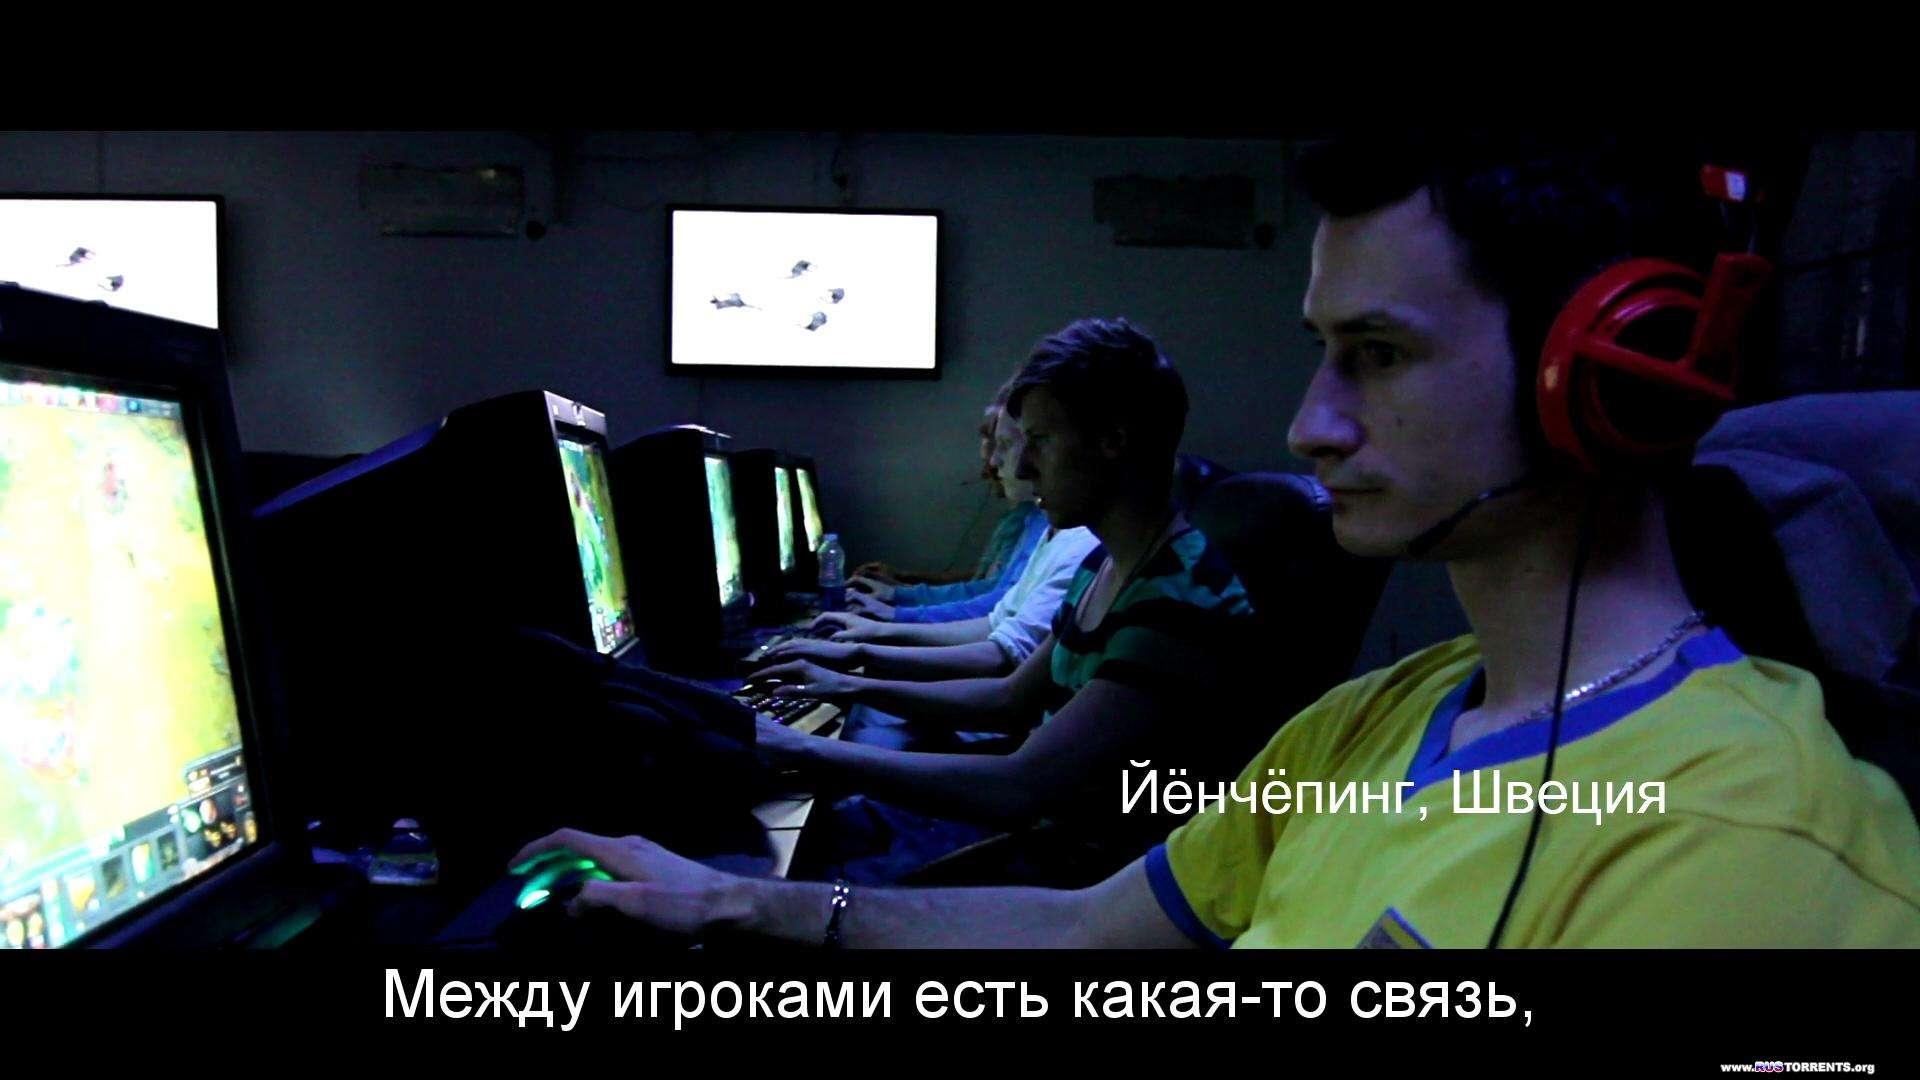 Бесплатная игра | WEB-DL 1080p